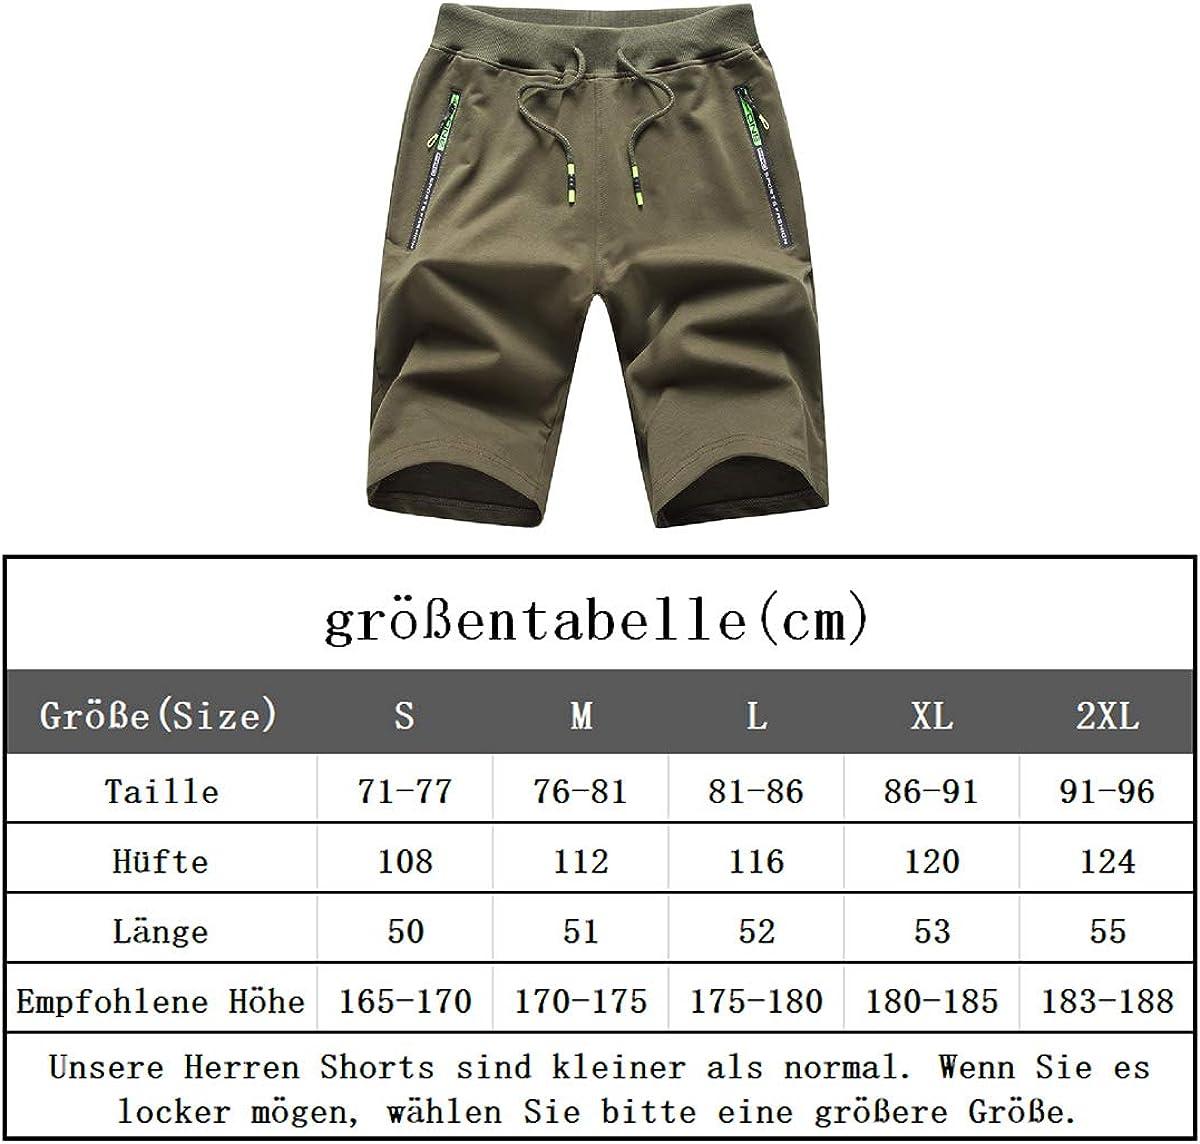 JustSun Kurze Hosen Herren Shorts Sommer Sport Baumwolle mit Rei/ßverschluss